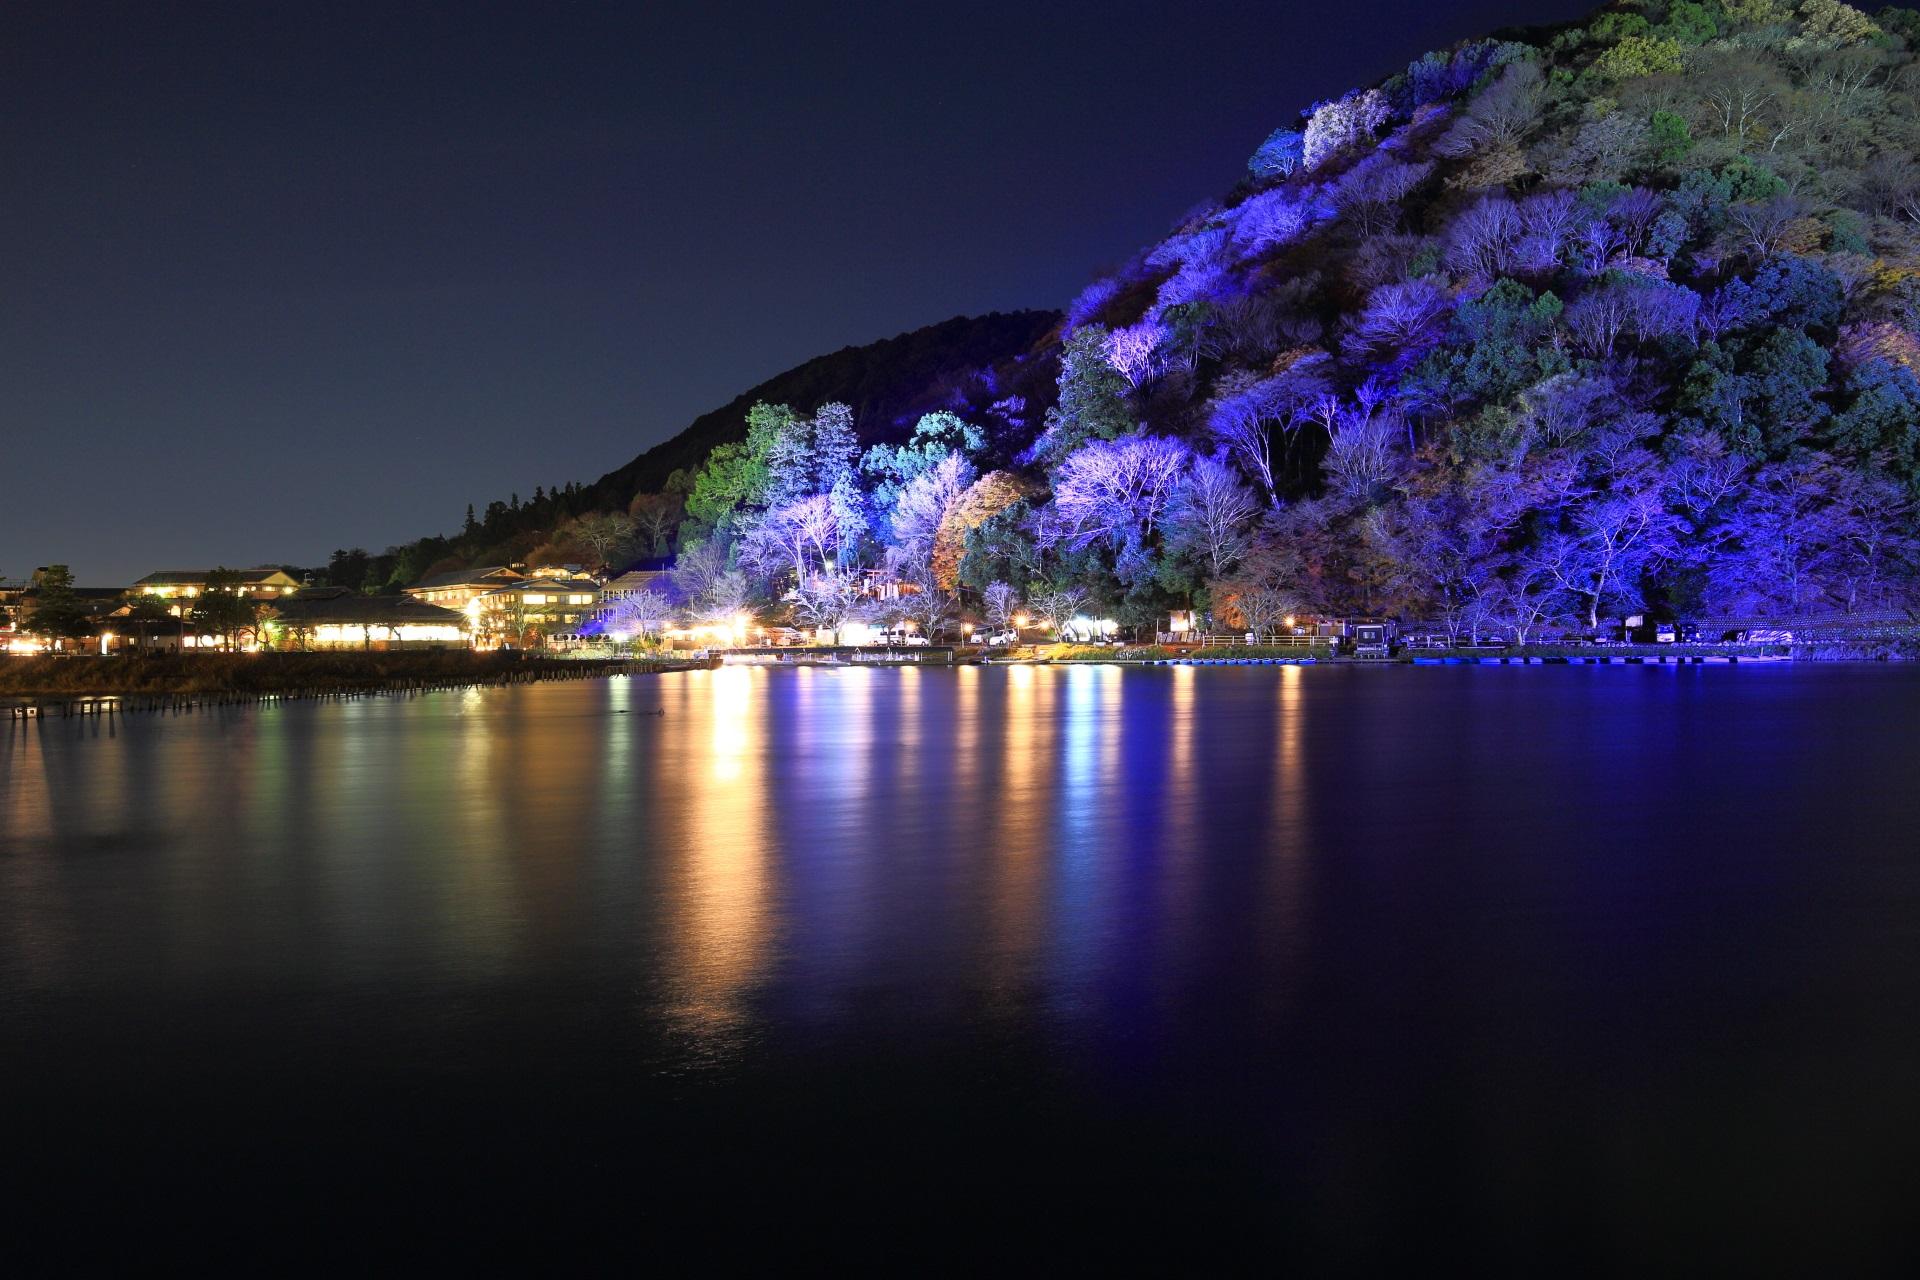 嵐山花灯路 ライトアップ 保津川 水鏡